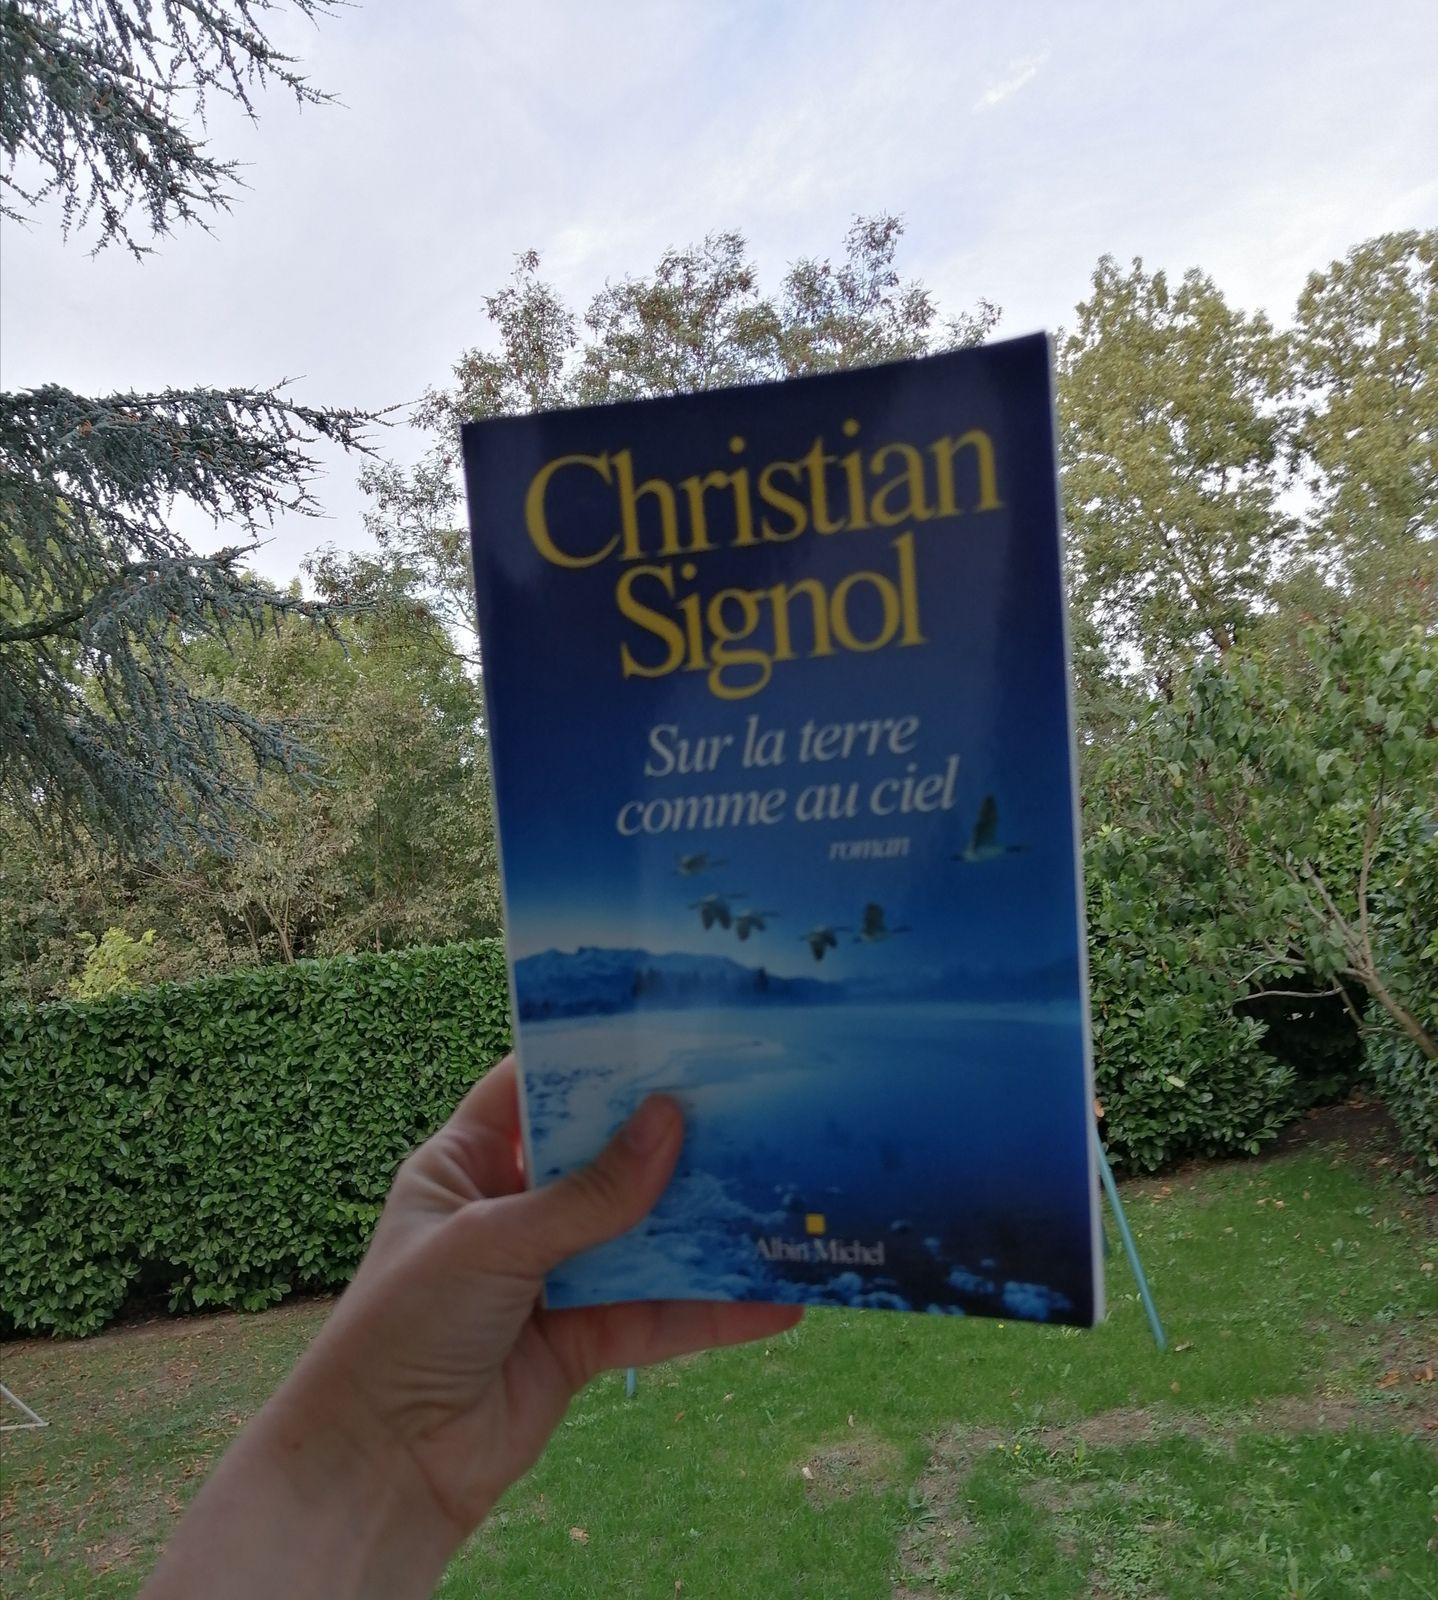 SUR LA TERRE COMME AU CIEL de Christian Signol